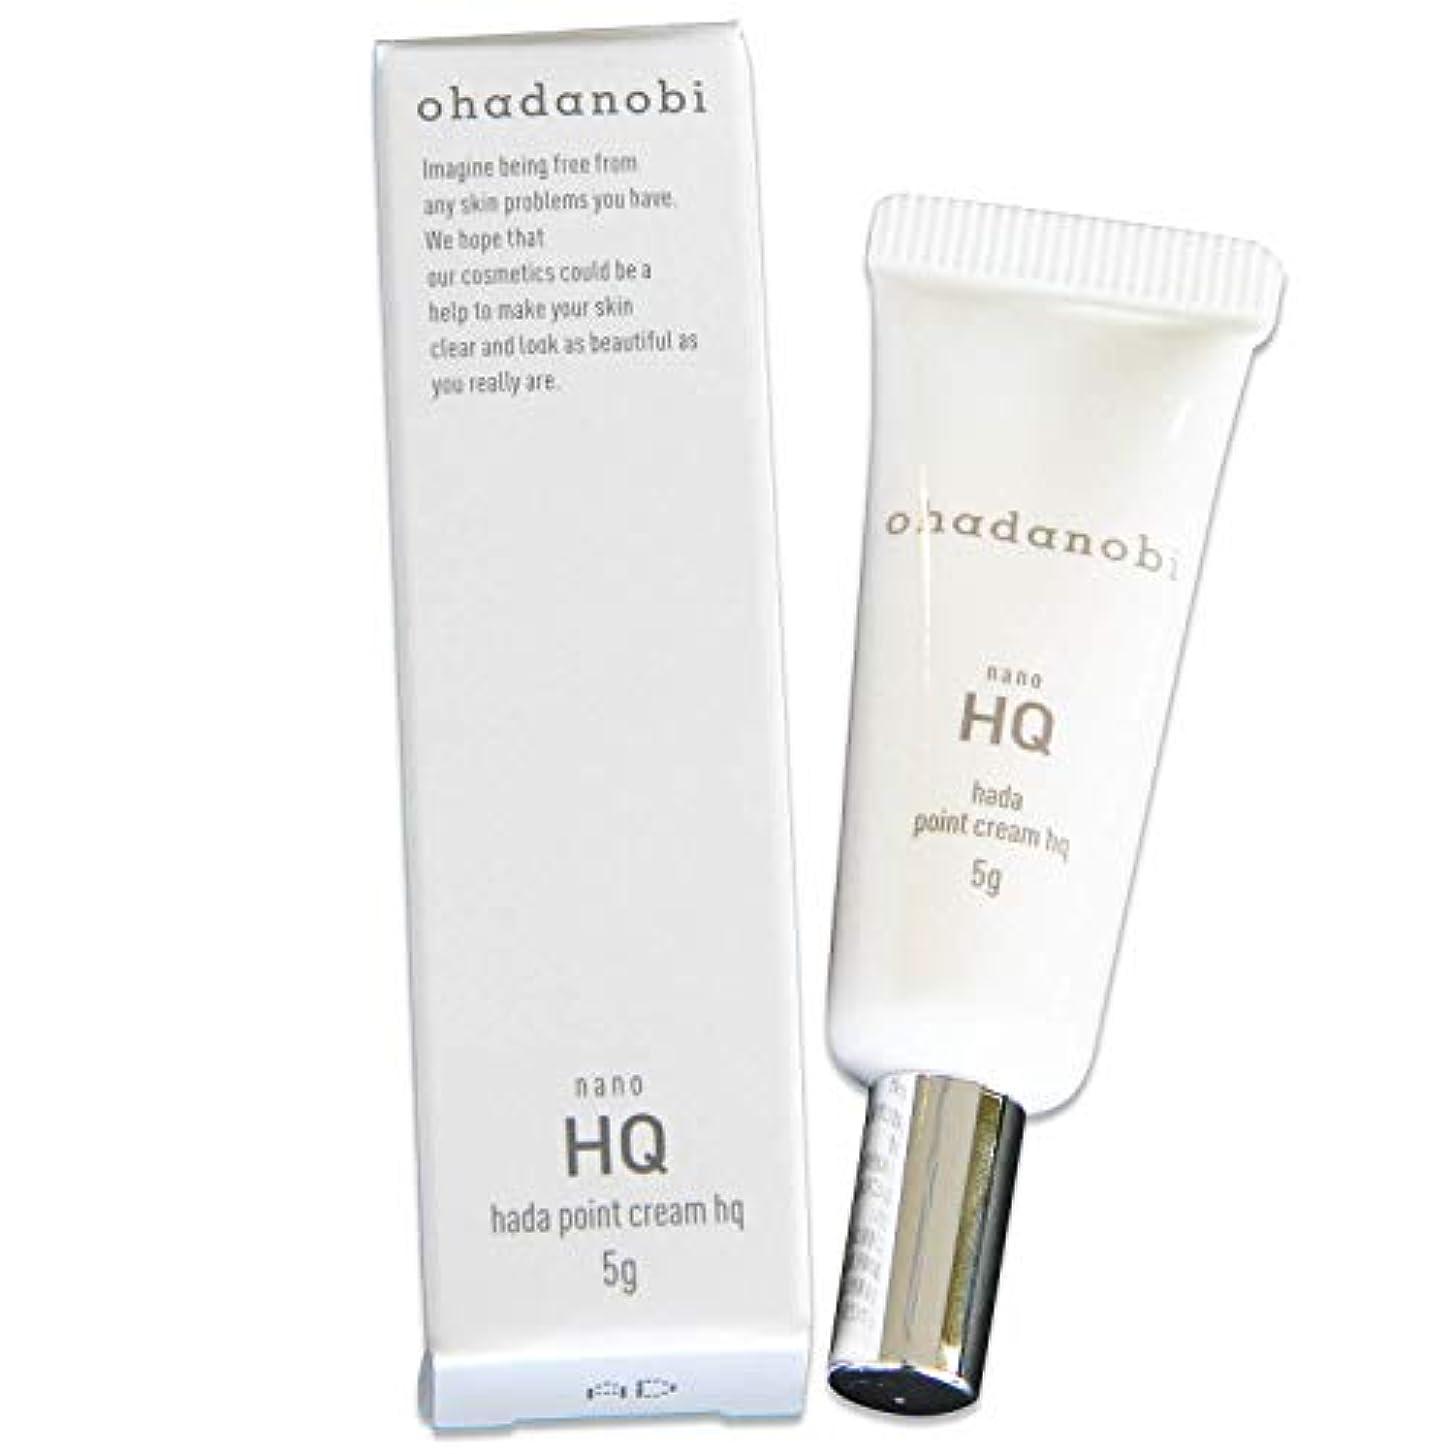 水分きちんとした自動化純 ハイドロキノン 4% 配合 日本製 ハダポイントクリームHQ オハダノビ